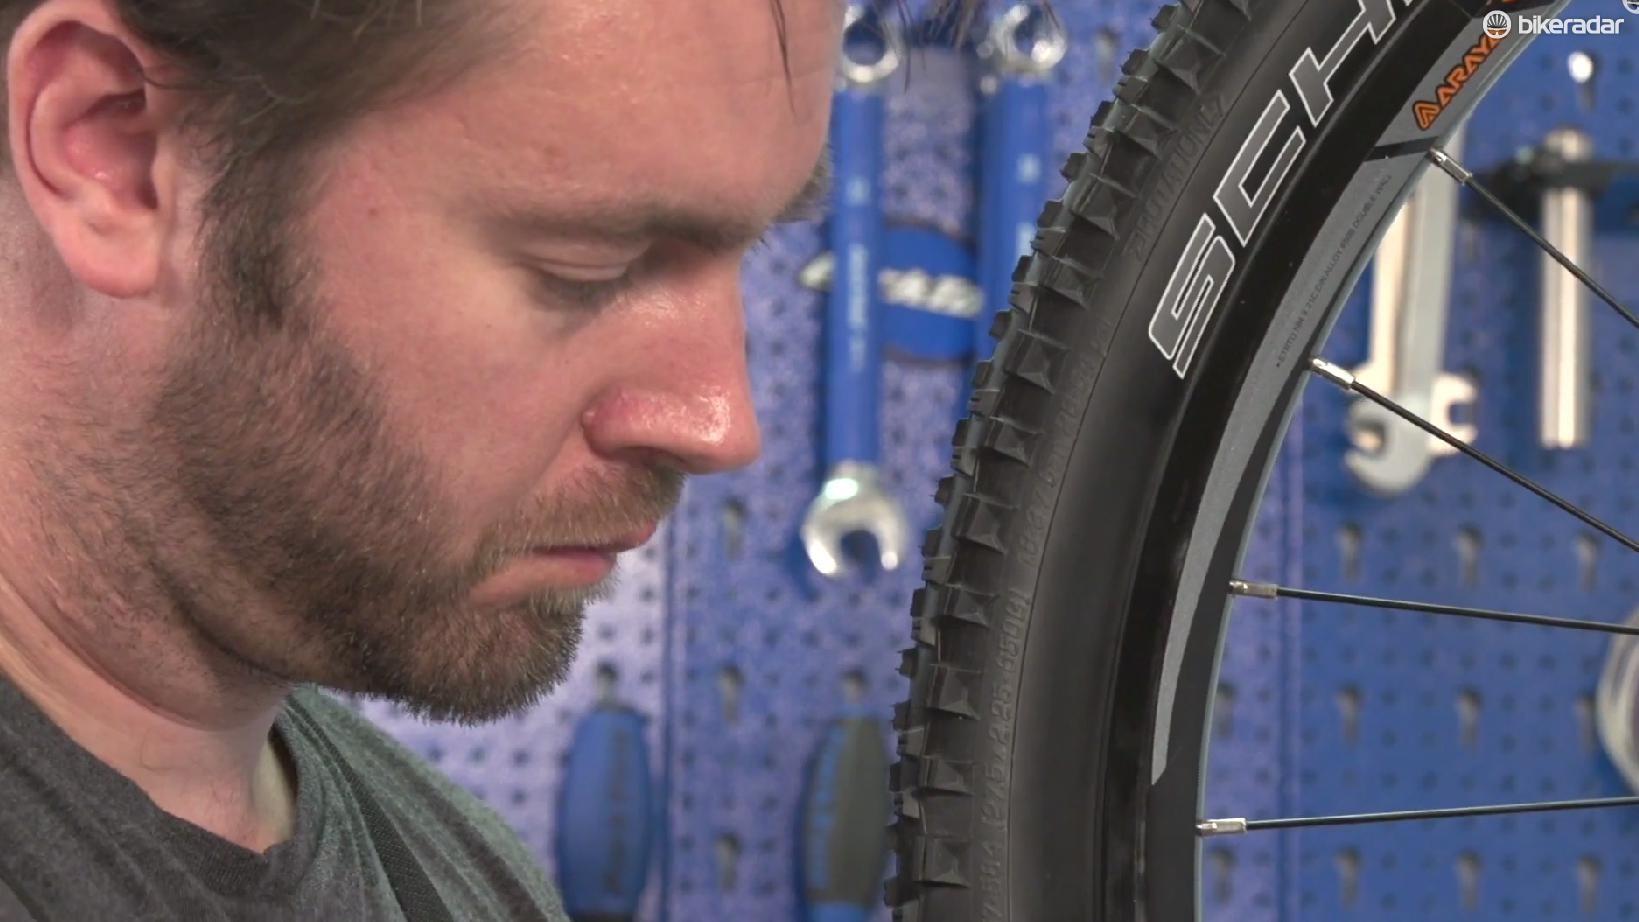 BikeRadar's James Tennant explains how to replace a spoke